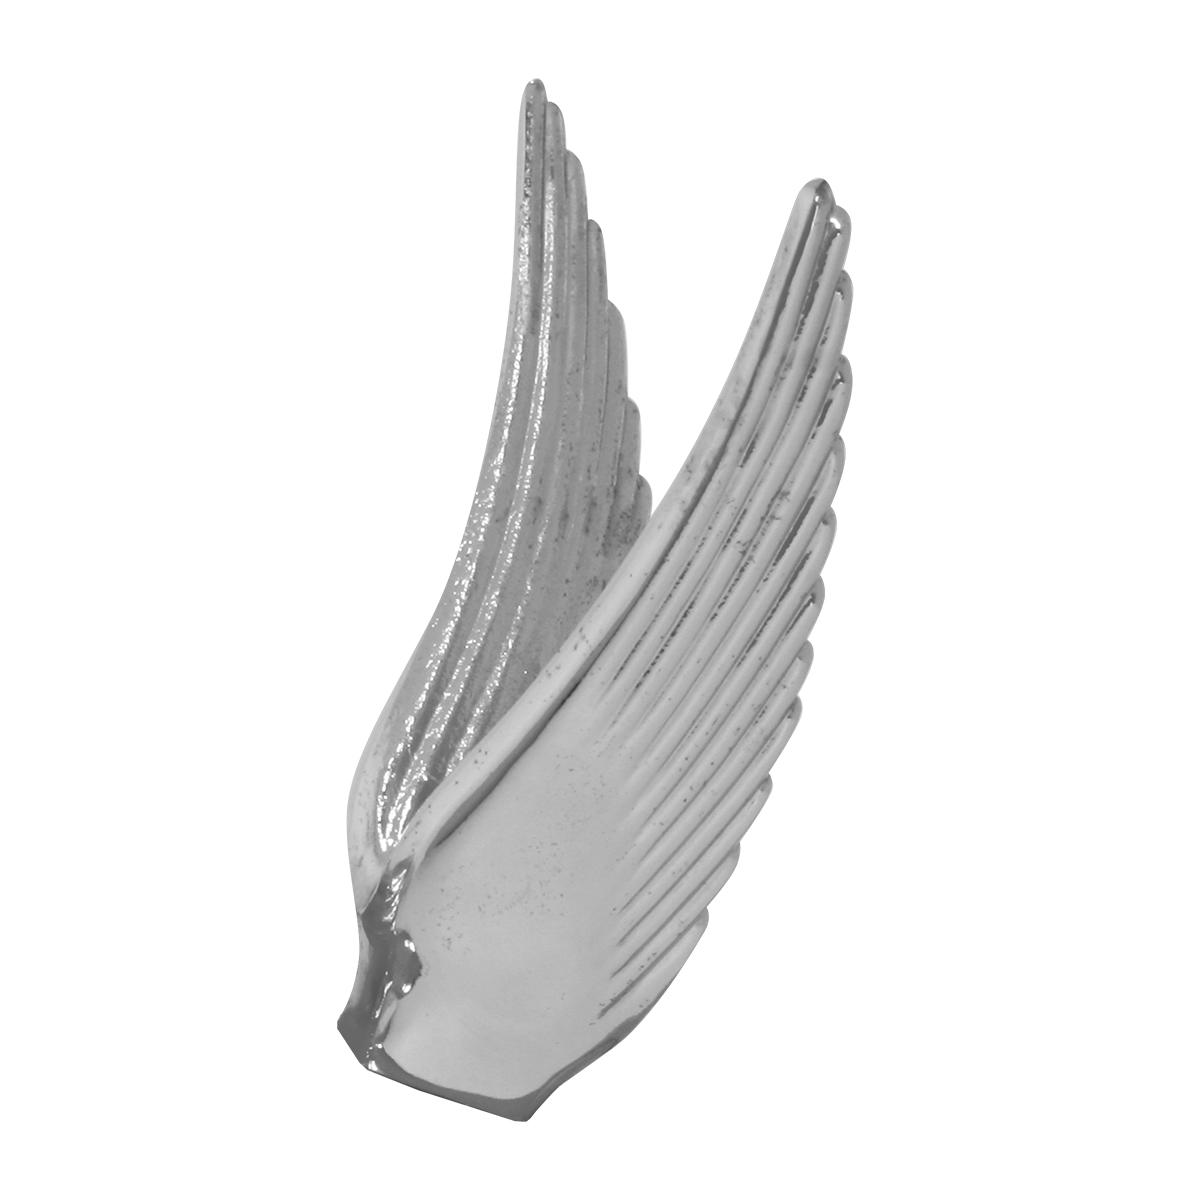 Grand General 48110 Chrome Flying Goddess Hood Ornament